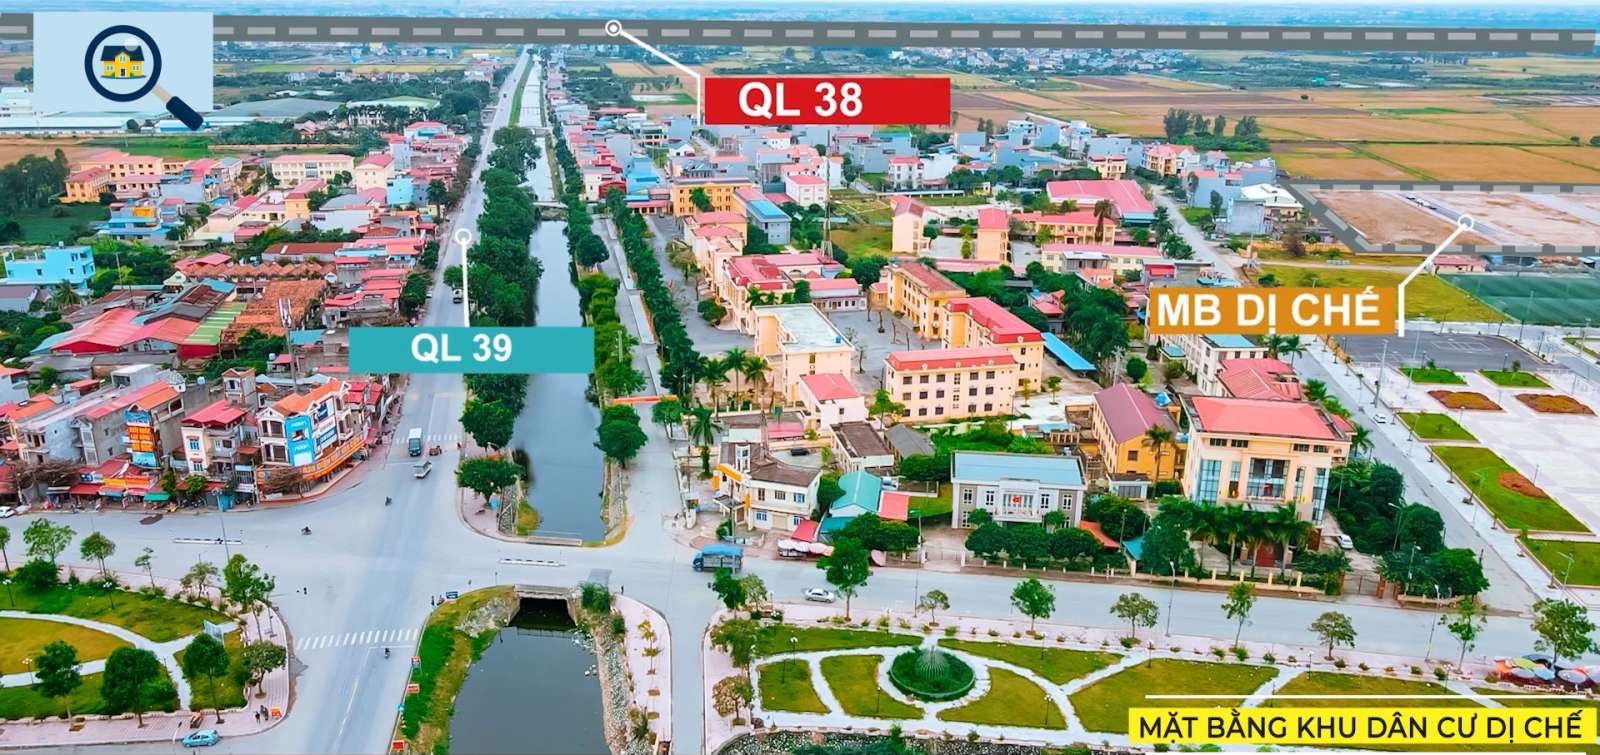 Cơ hội đầu tư siêu lợi nhuận từ dự án Dị Chế, Tiên Lữ, Hưng Yên